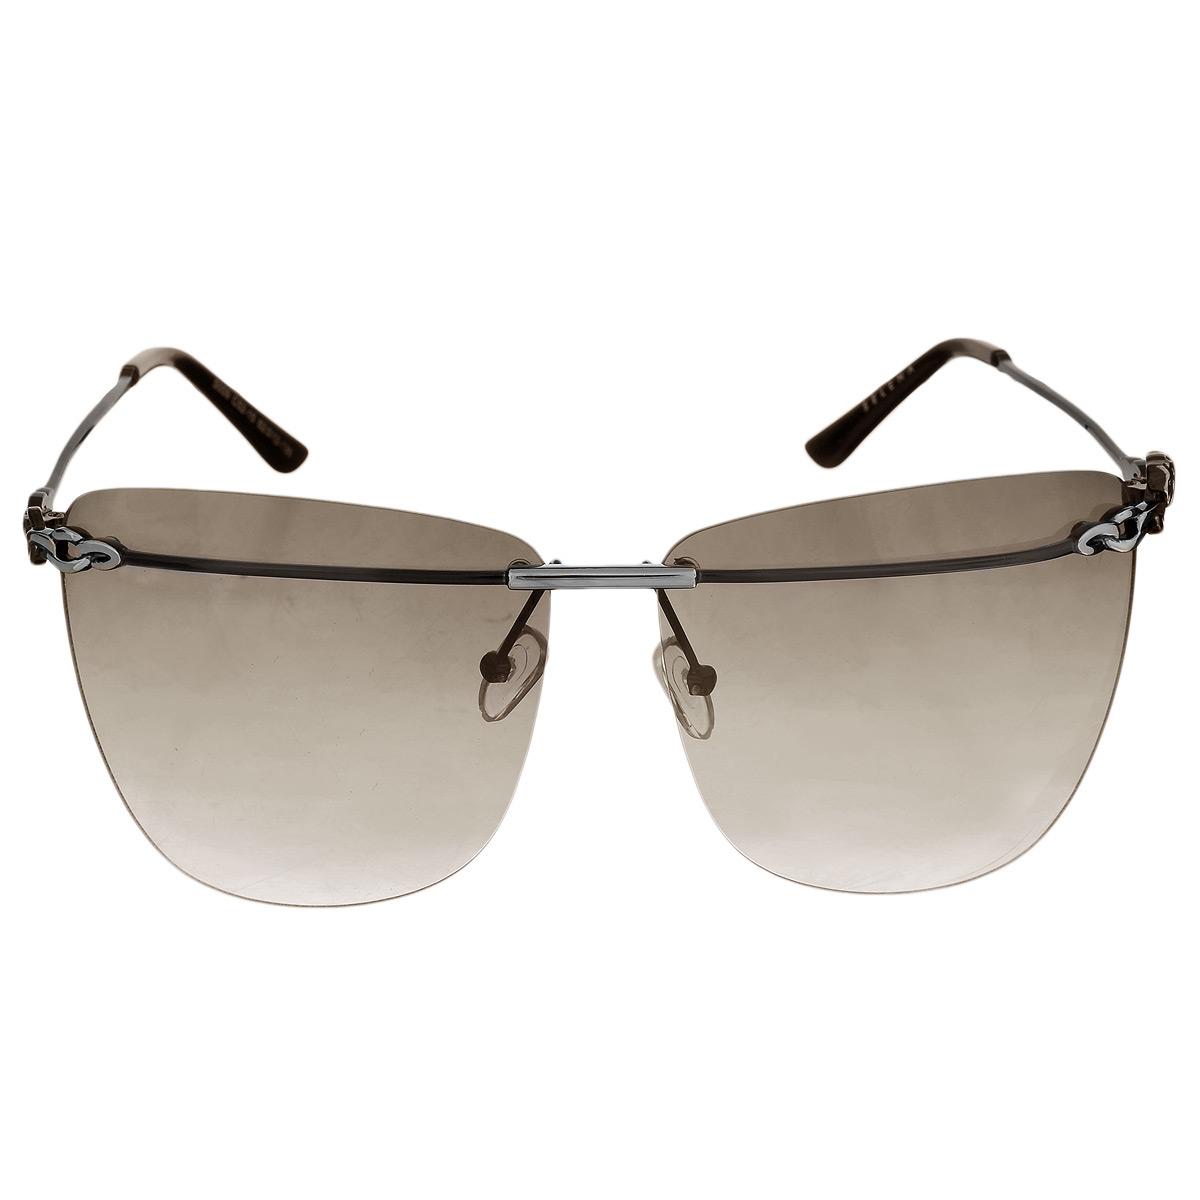 Солнцезащитные очки женские Selena, цвет: коричневый. 8003254180032541Солнцезащитные очки Selena, выполненные с линзами из высококачественного пластика PC с зеркальным эффектом fresh mirror. Используемый пластик не искажает изображение, не подвержен нагреванию и вредному воздействию солнечных лучей. Линзы данных очков с высокоэффективным UV-фильтром обеспечивают полную защиту от ультрафиолетовых лучей. Металлическая оправа очков легкая, прилегающей формы и поэтому не создает никакого дискомфорта. Такие очки защитят глаза от ультрафиолетовых лучей, подчеркнут вашу индивидуальность и сделают ваш образ завершенным.